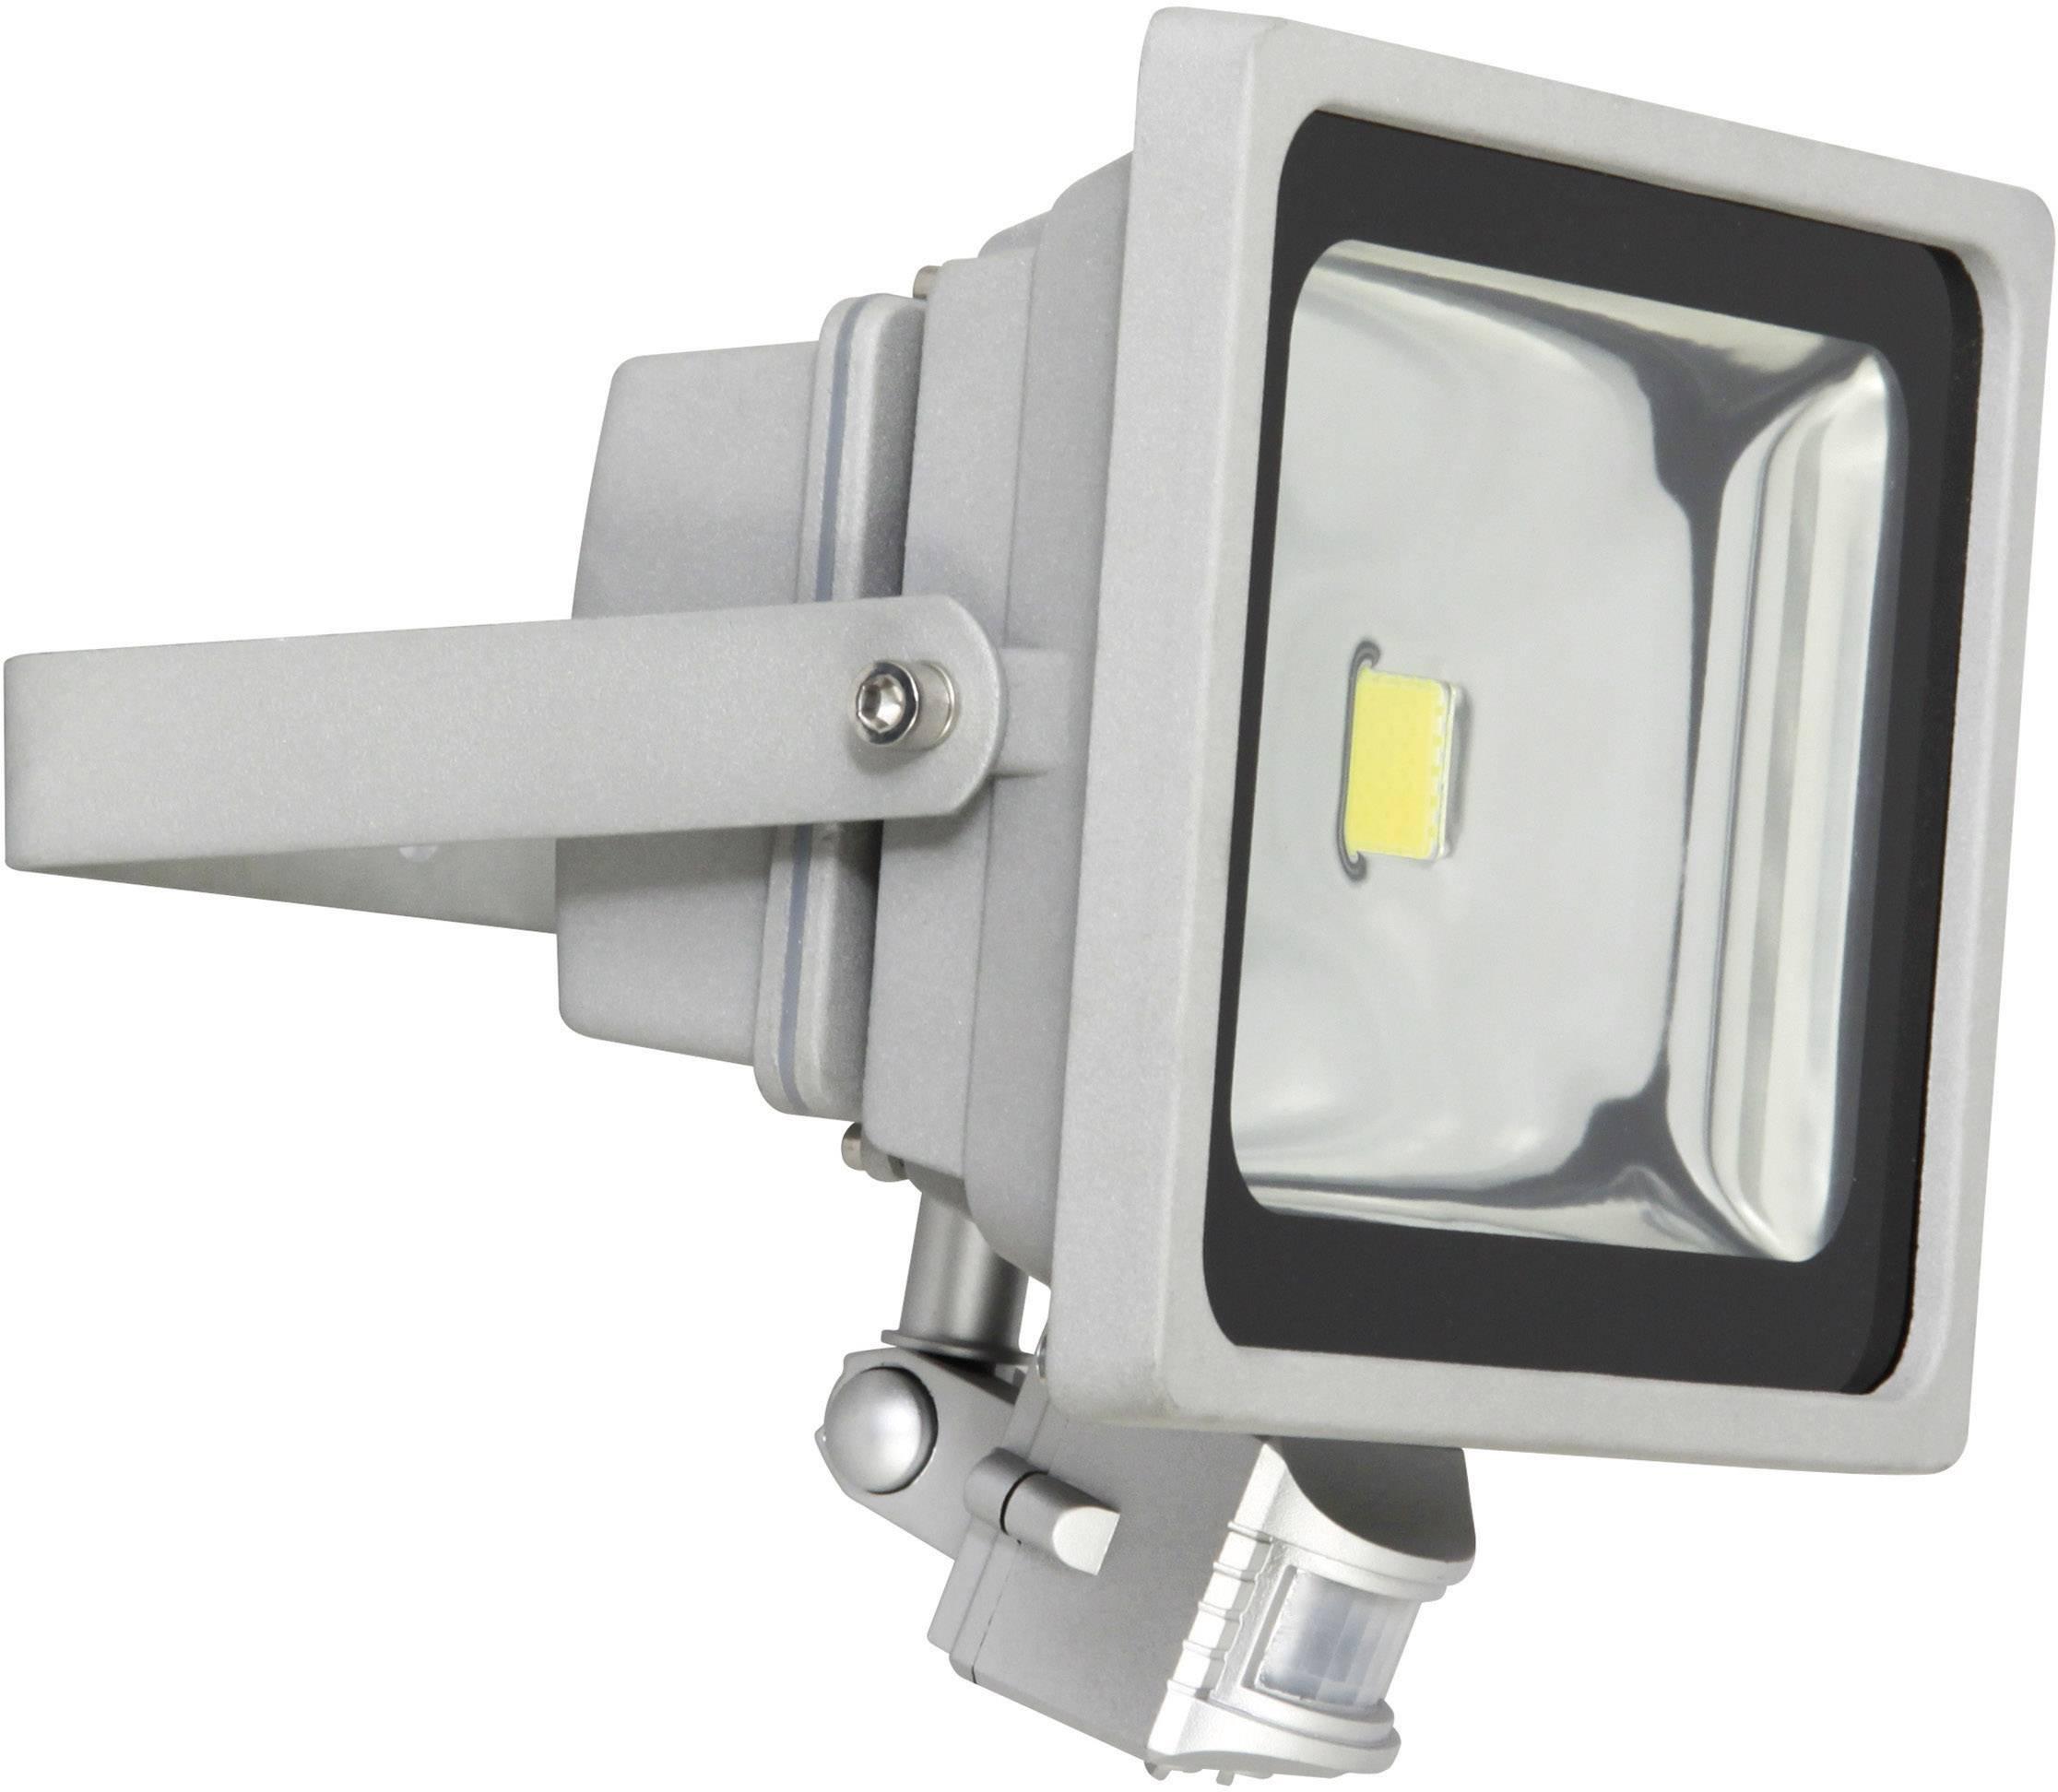 LEDvonkajšieosvetlenie s PIR senzorom XQ lite XQ-Lite XQ1224, 30 W, denné svetlo, sivá